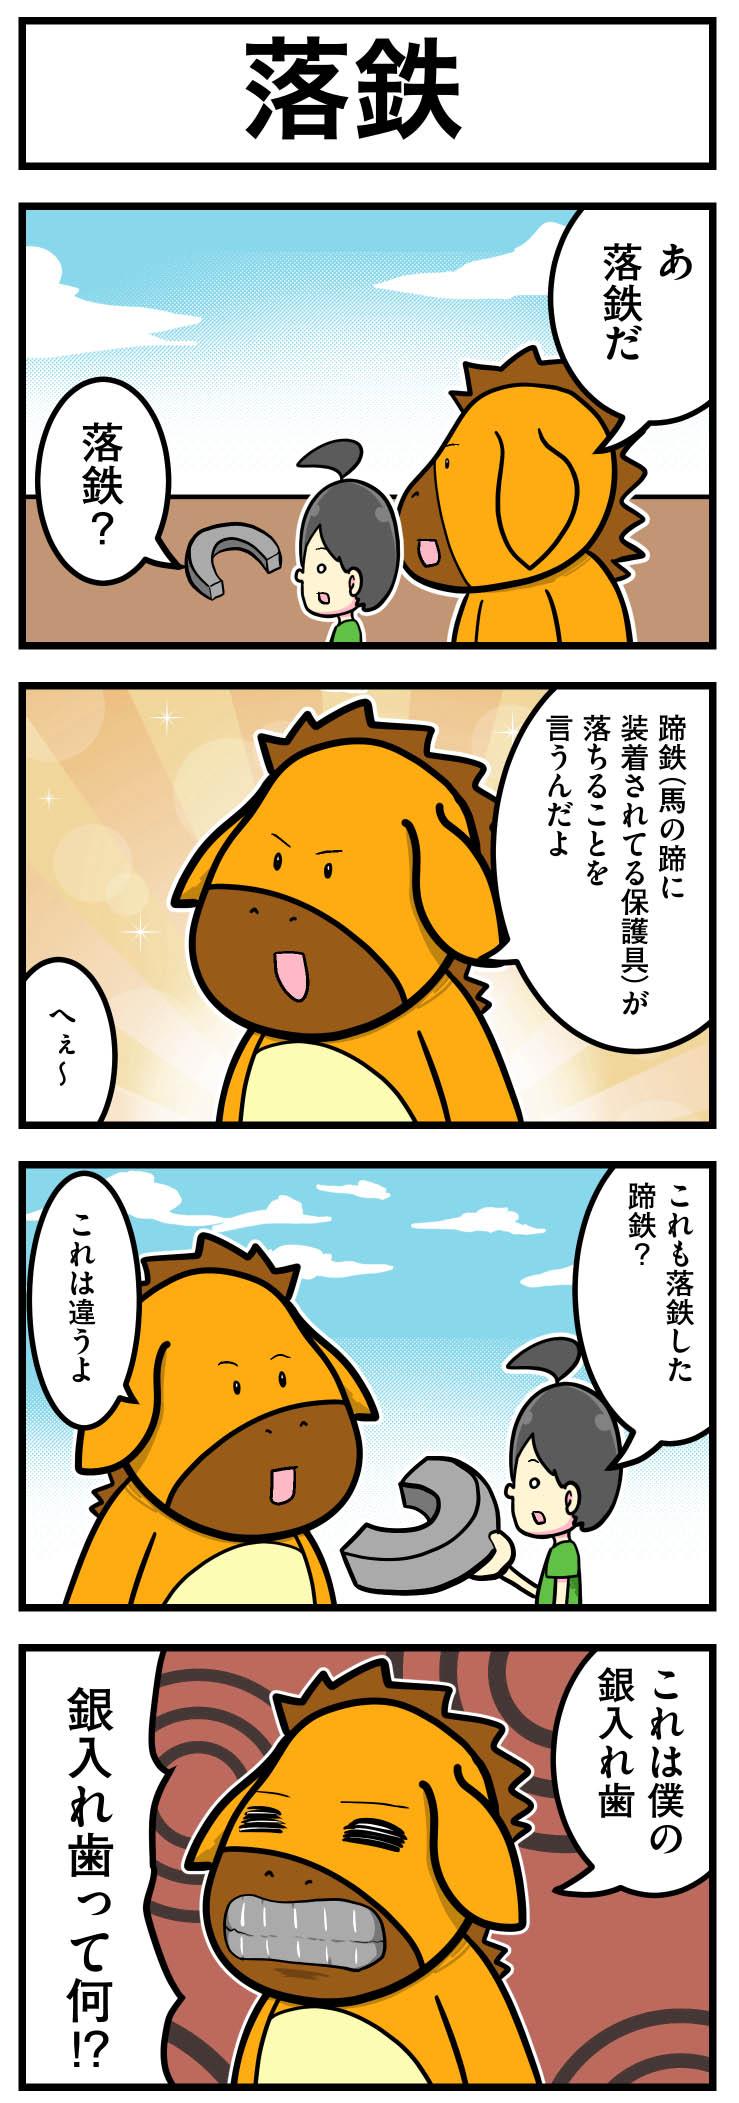 落鉄【うま吉の鉄板穴馬マンガ】